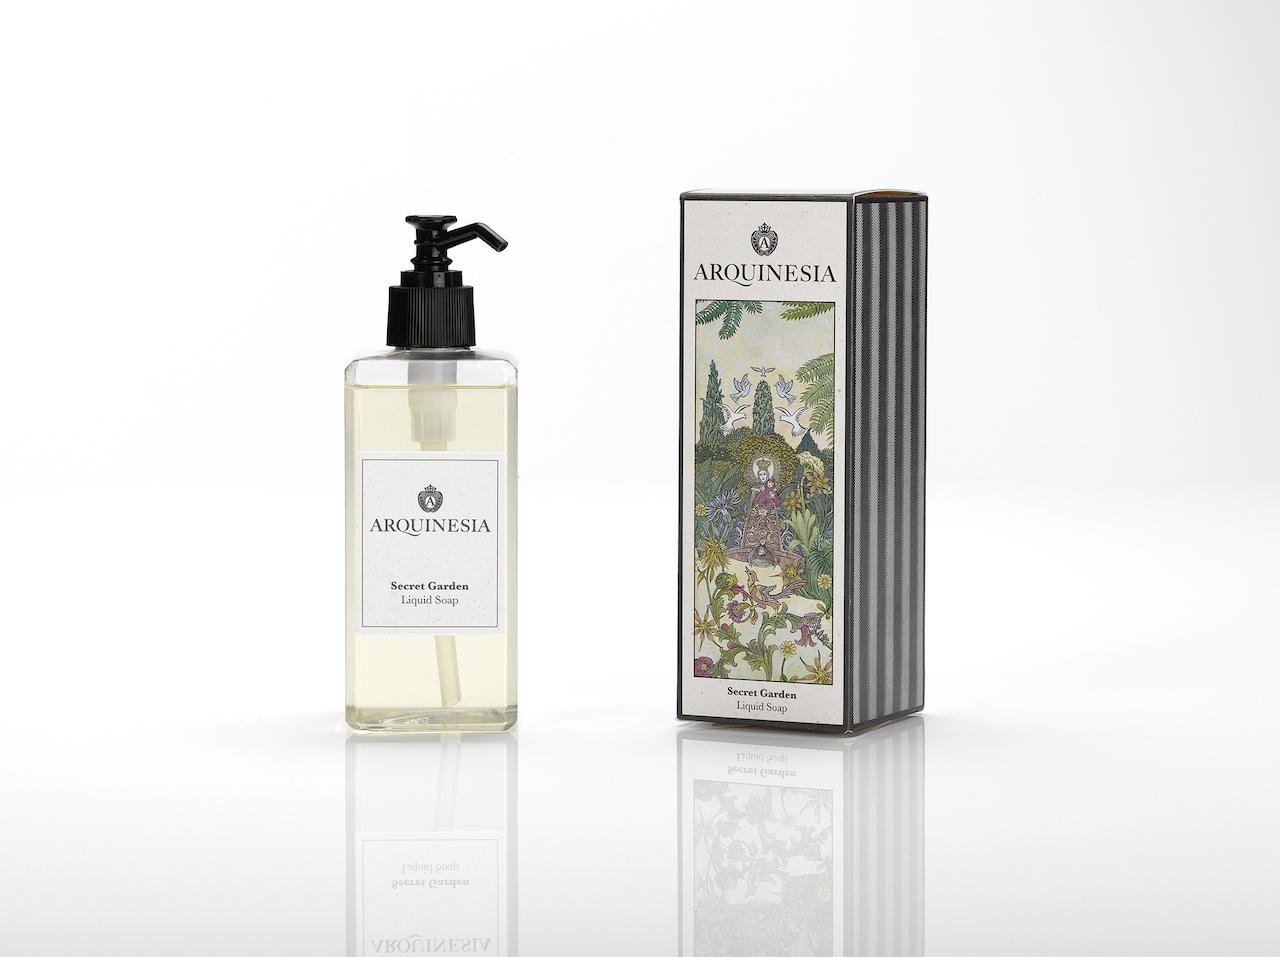 Die Arquinesia Flüssigseife reinigt sanft die Hände, ohne sie austrocknen zu lassen und hat einen erfrischenden Duft. Die Flüssigseife ist ein natürliches Produkt, vegan und frei von Silikon, Paraffin, Farbstoffen und synthetischen Konservierungsstoffen. 300 ml Flüssigseife mit dem Secret Garden Duft.